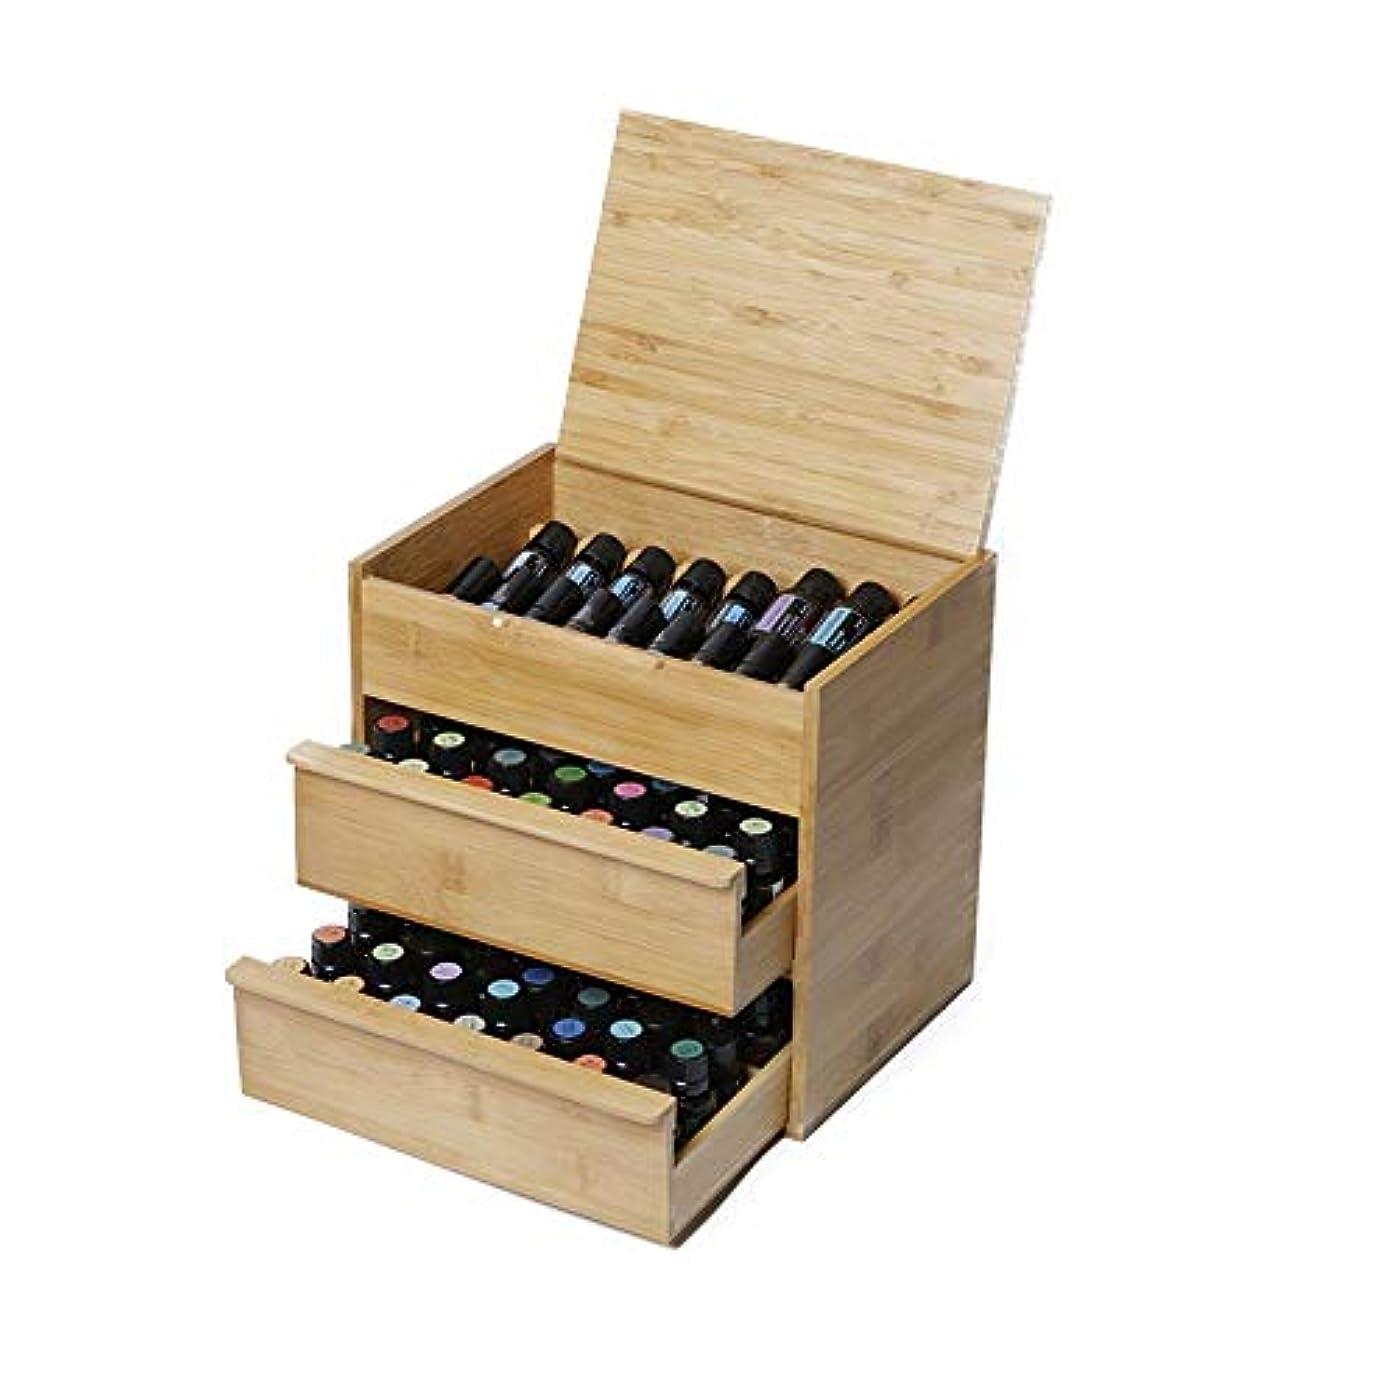 遮る保持ギャラントリー88スロット木エッセンシャルオイルボックス3ティアボード内部リムーバブルは15/10/5 M1のボトル天然竹を開催します アロマセラピー製品 (色 : Natural, サイズ : 26.5X24.5X19CM)